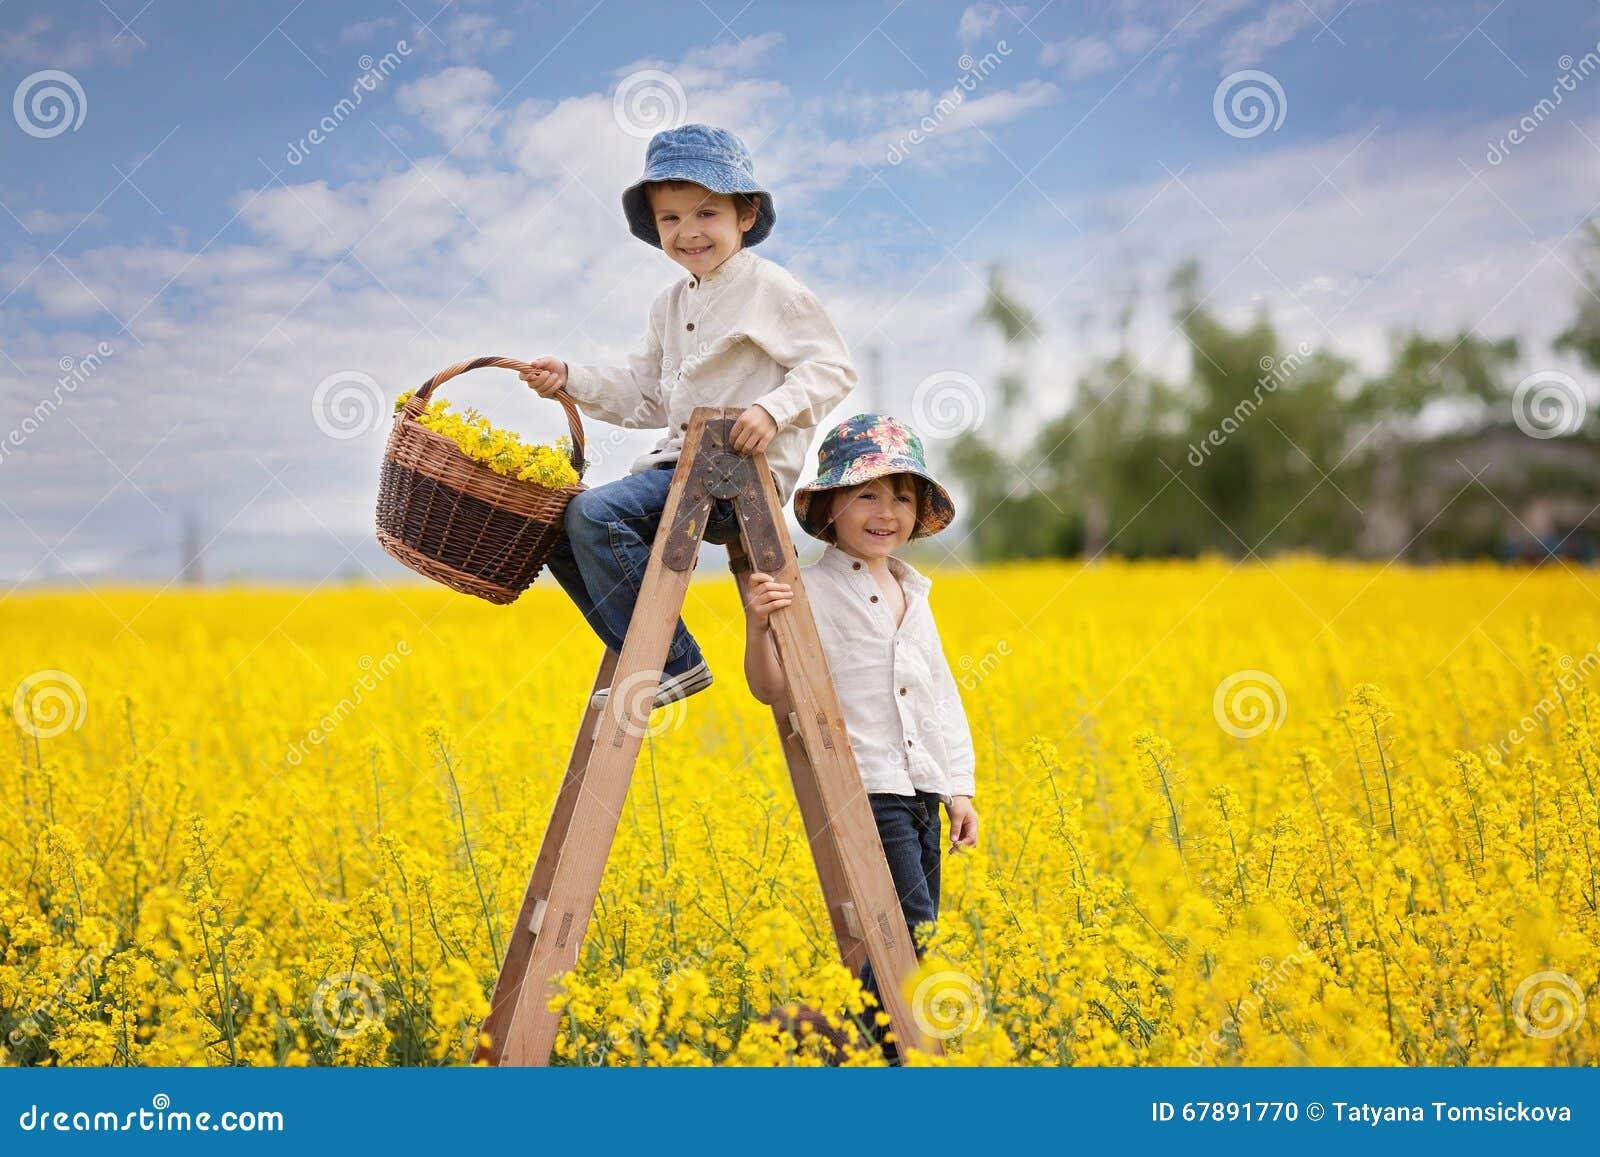 Rapazes pequenos felizes, sentando-se em uma escada de madeira no fie amarelo da violação